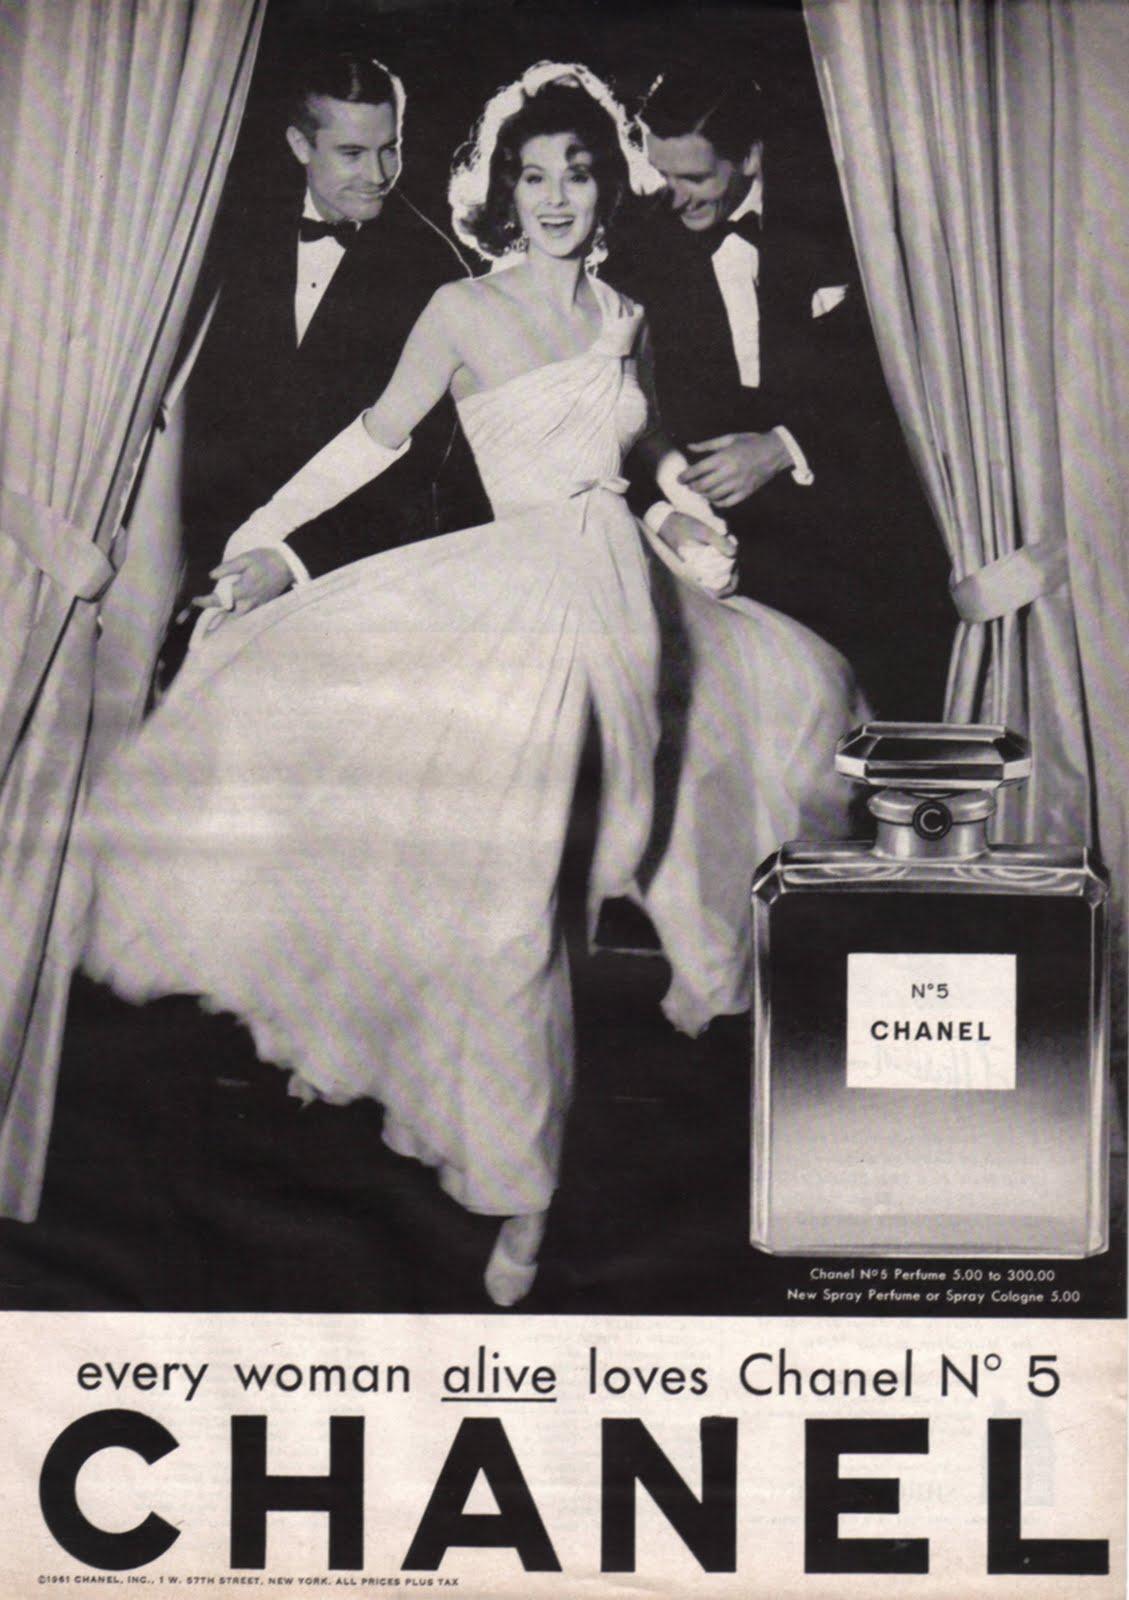 http://2.bp.blogspot.com/-PGHJxO_n5Nc/TedjzMWLUNI/AAAAAAAAARQ/Peq8J58fNrY/s1600/chanel%2B5%2Bperfume%2Bad%2Bvintage.jpg